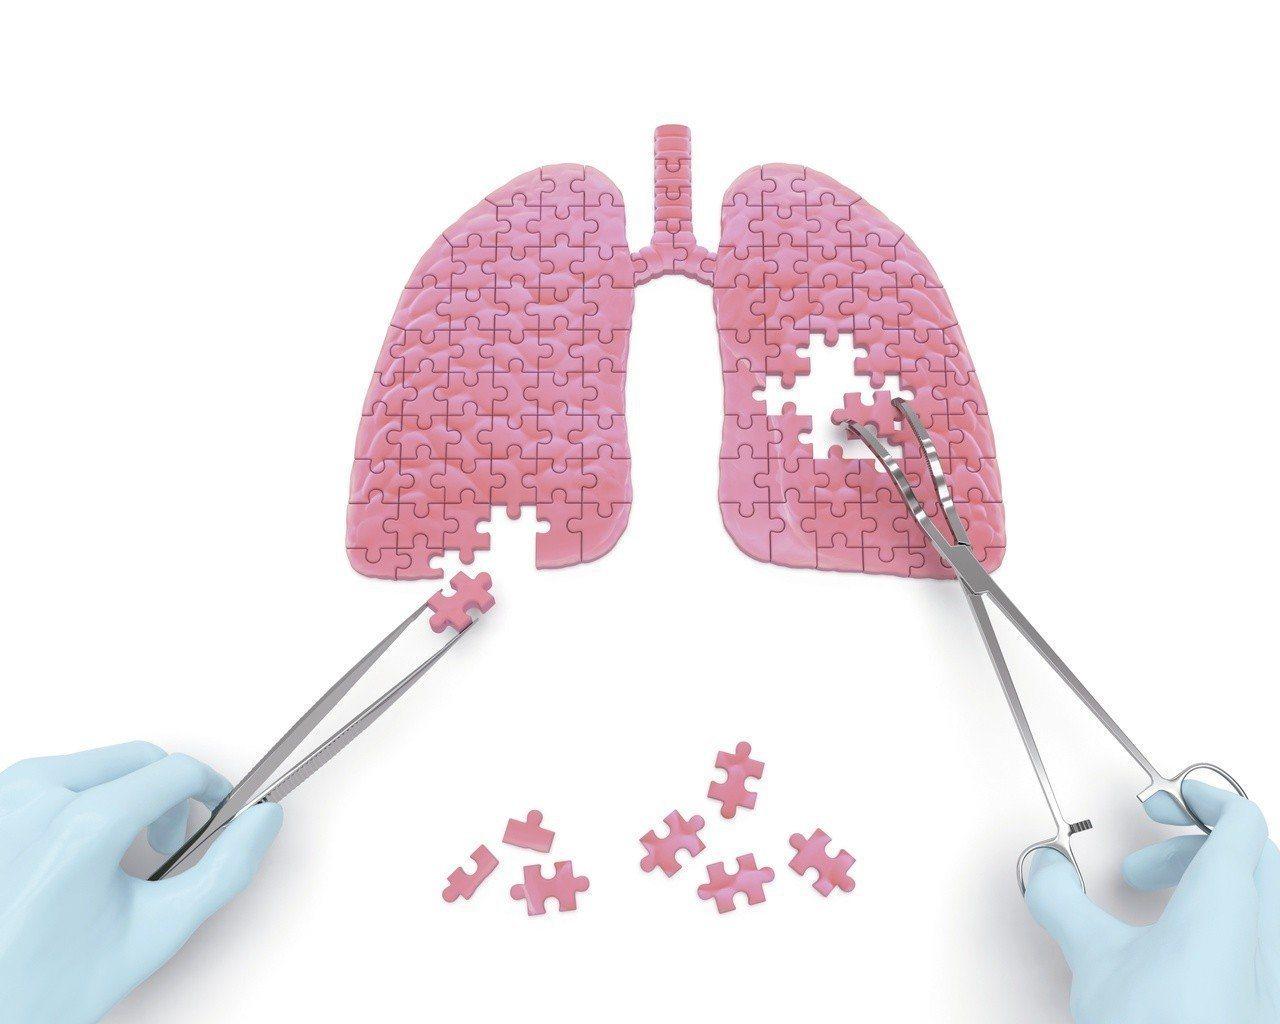 肺癌高居我國癌症十大死因首位,醫界致力提升治療效率,為患者爭取存活期。圖/123...